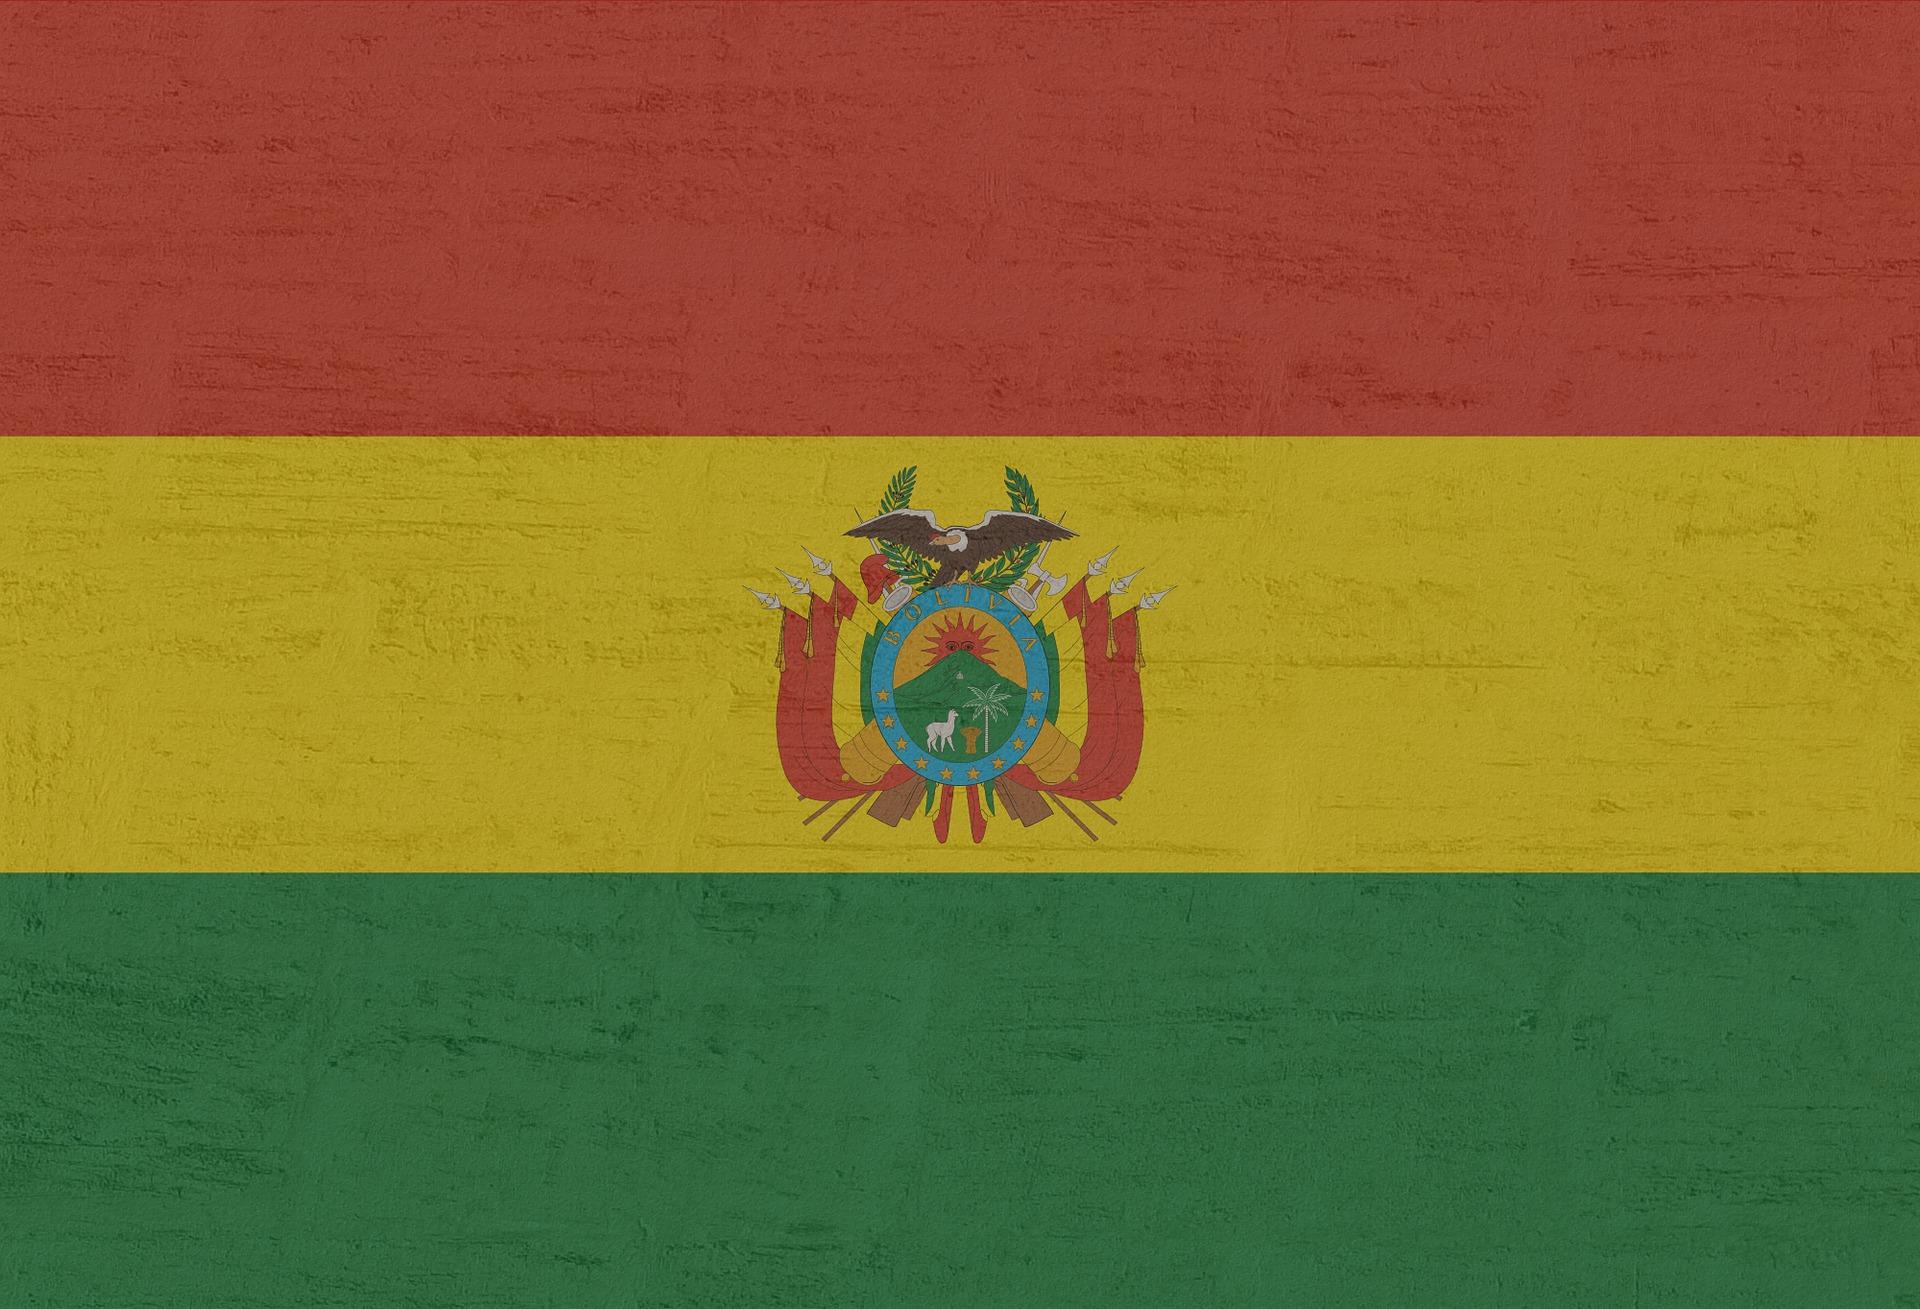 Trademark registration Bolivia